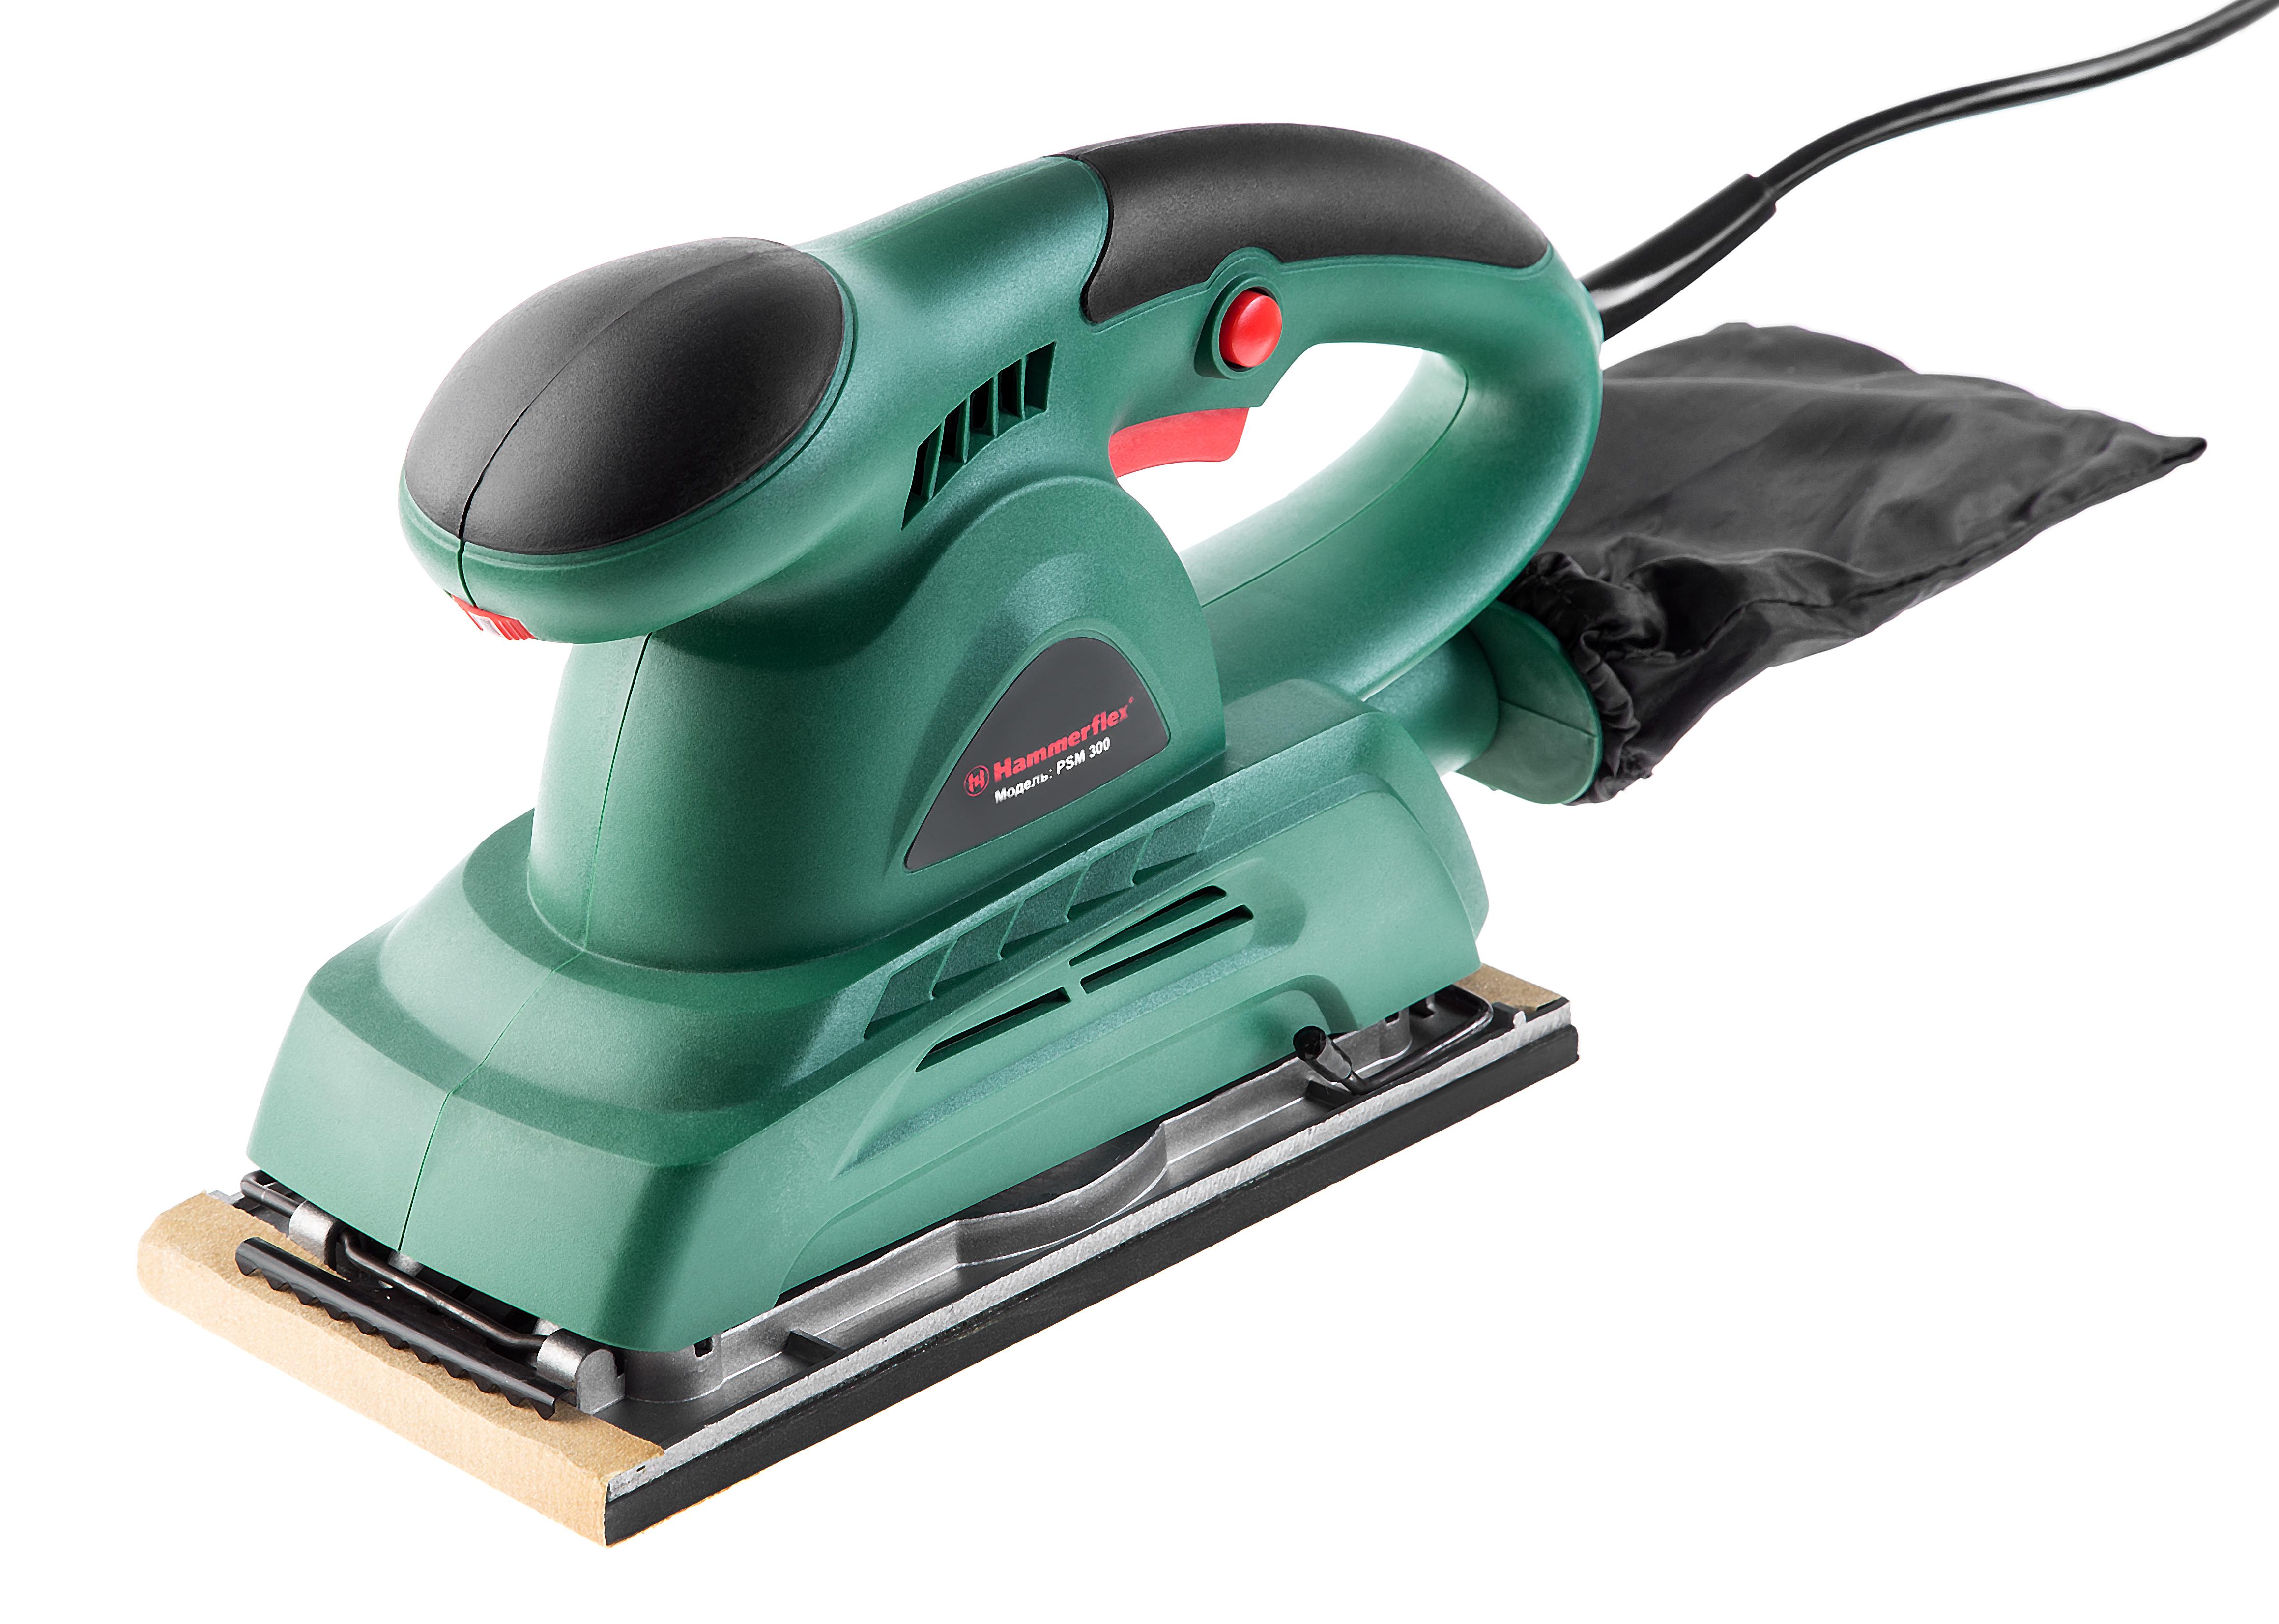 Машинка шлифовальная плоская (вибрационная) Hammer Psm300